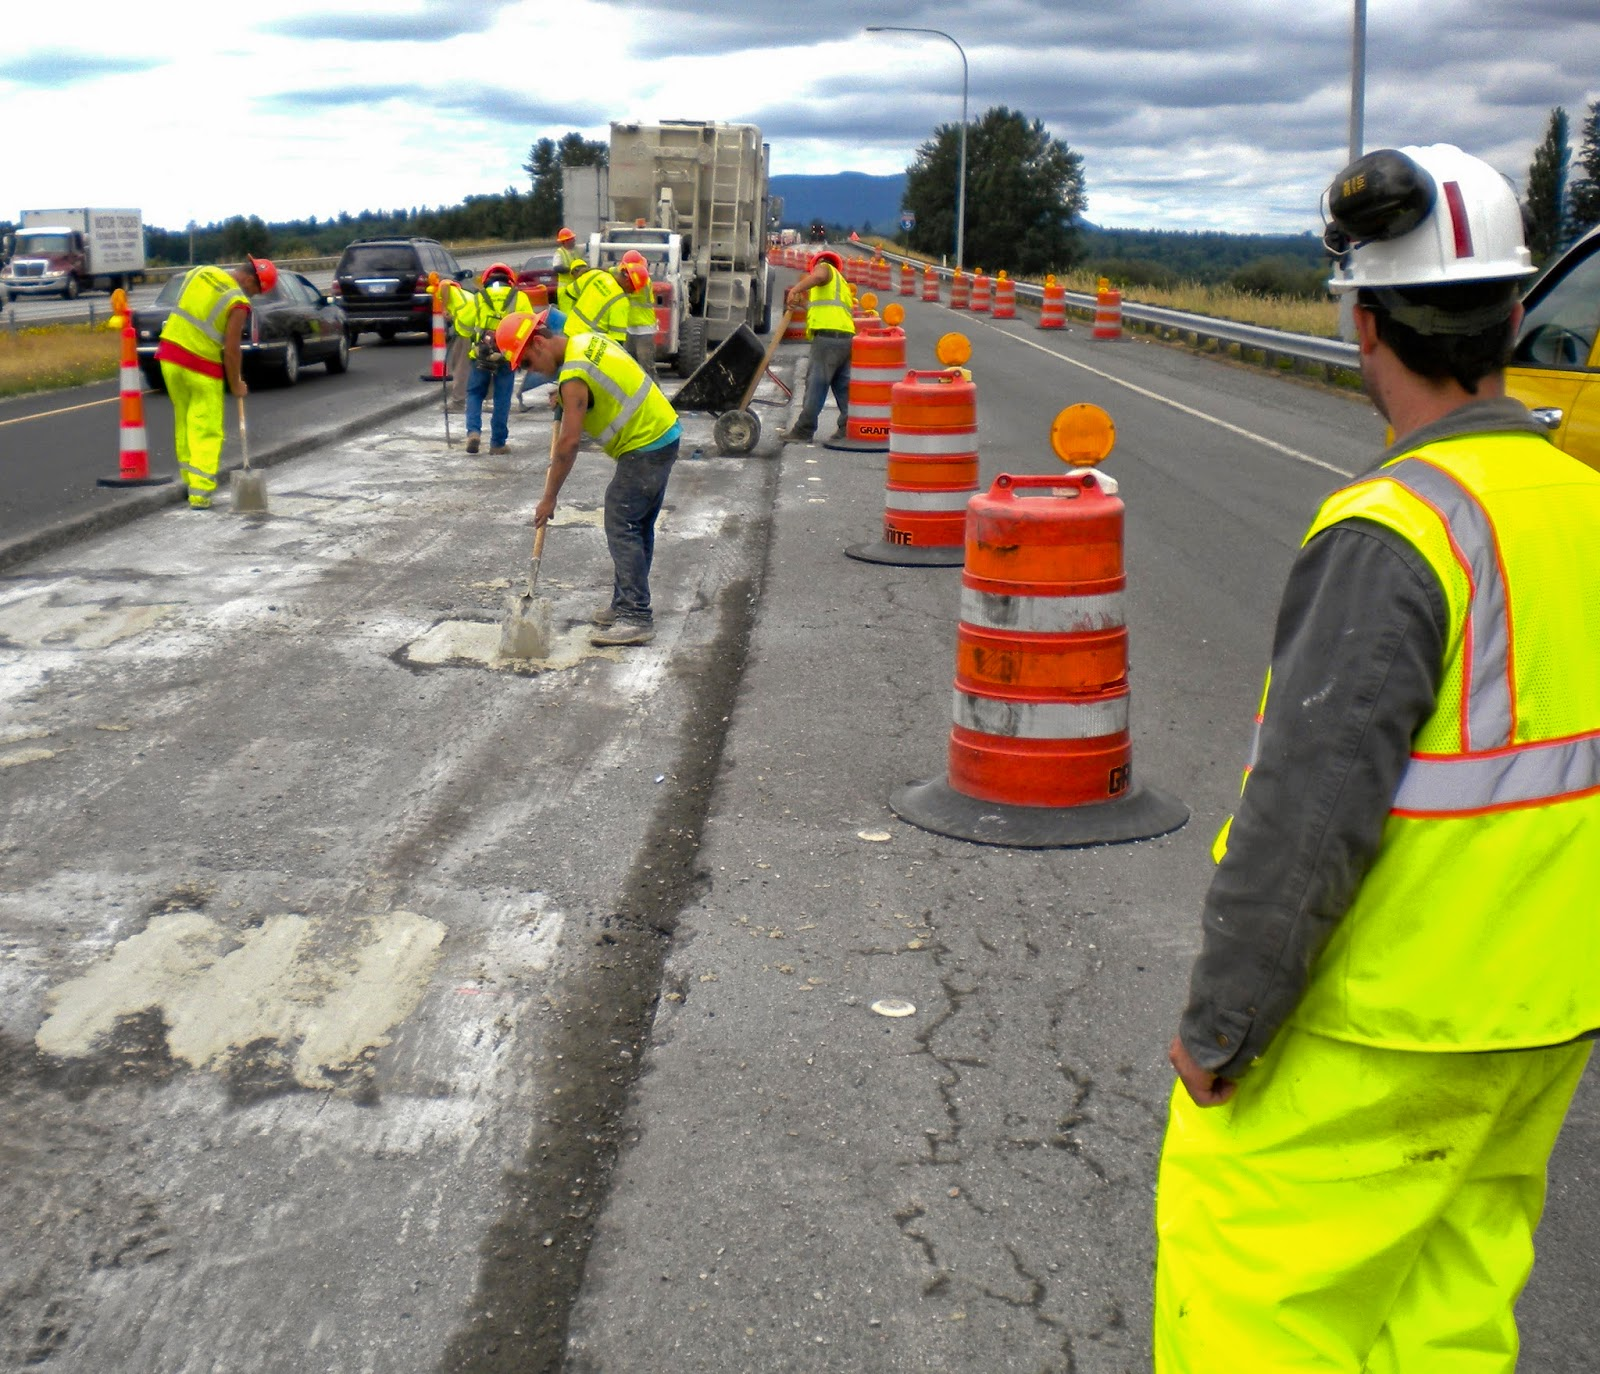 blog construction zones accidents part